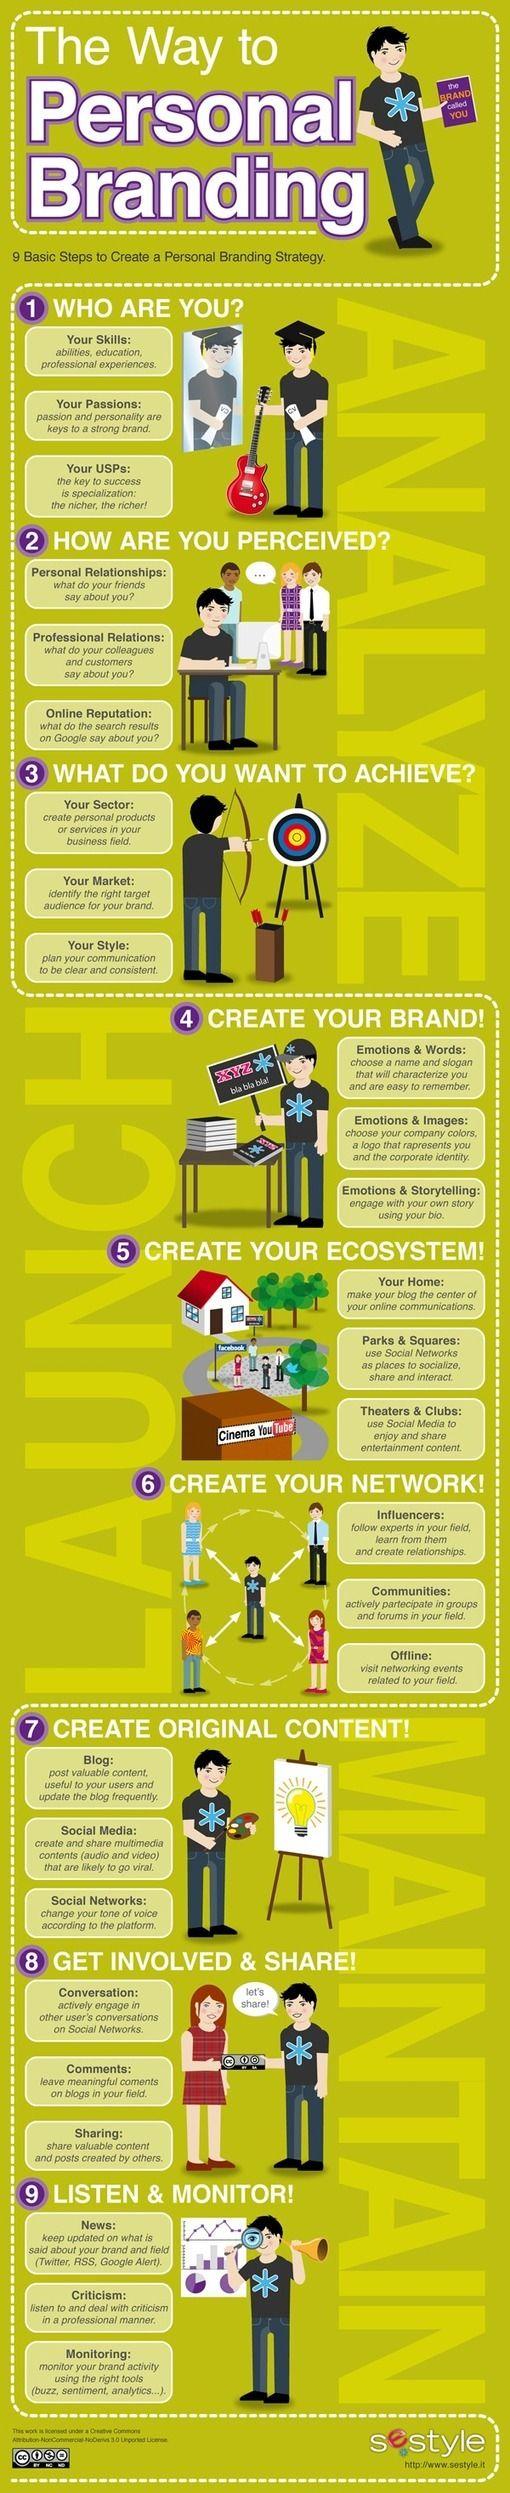 9 étapes pour se créer une marque personnelle - Stratégie #PersonalBranding